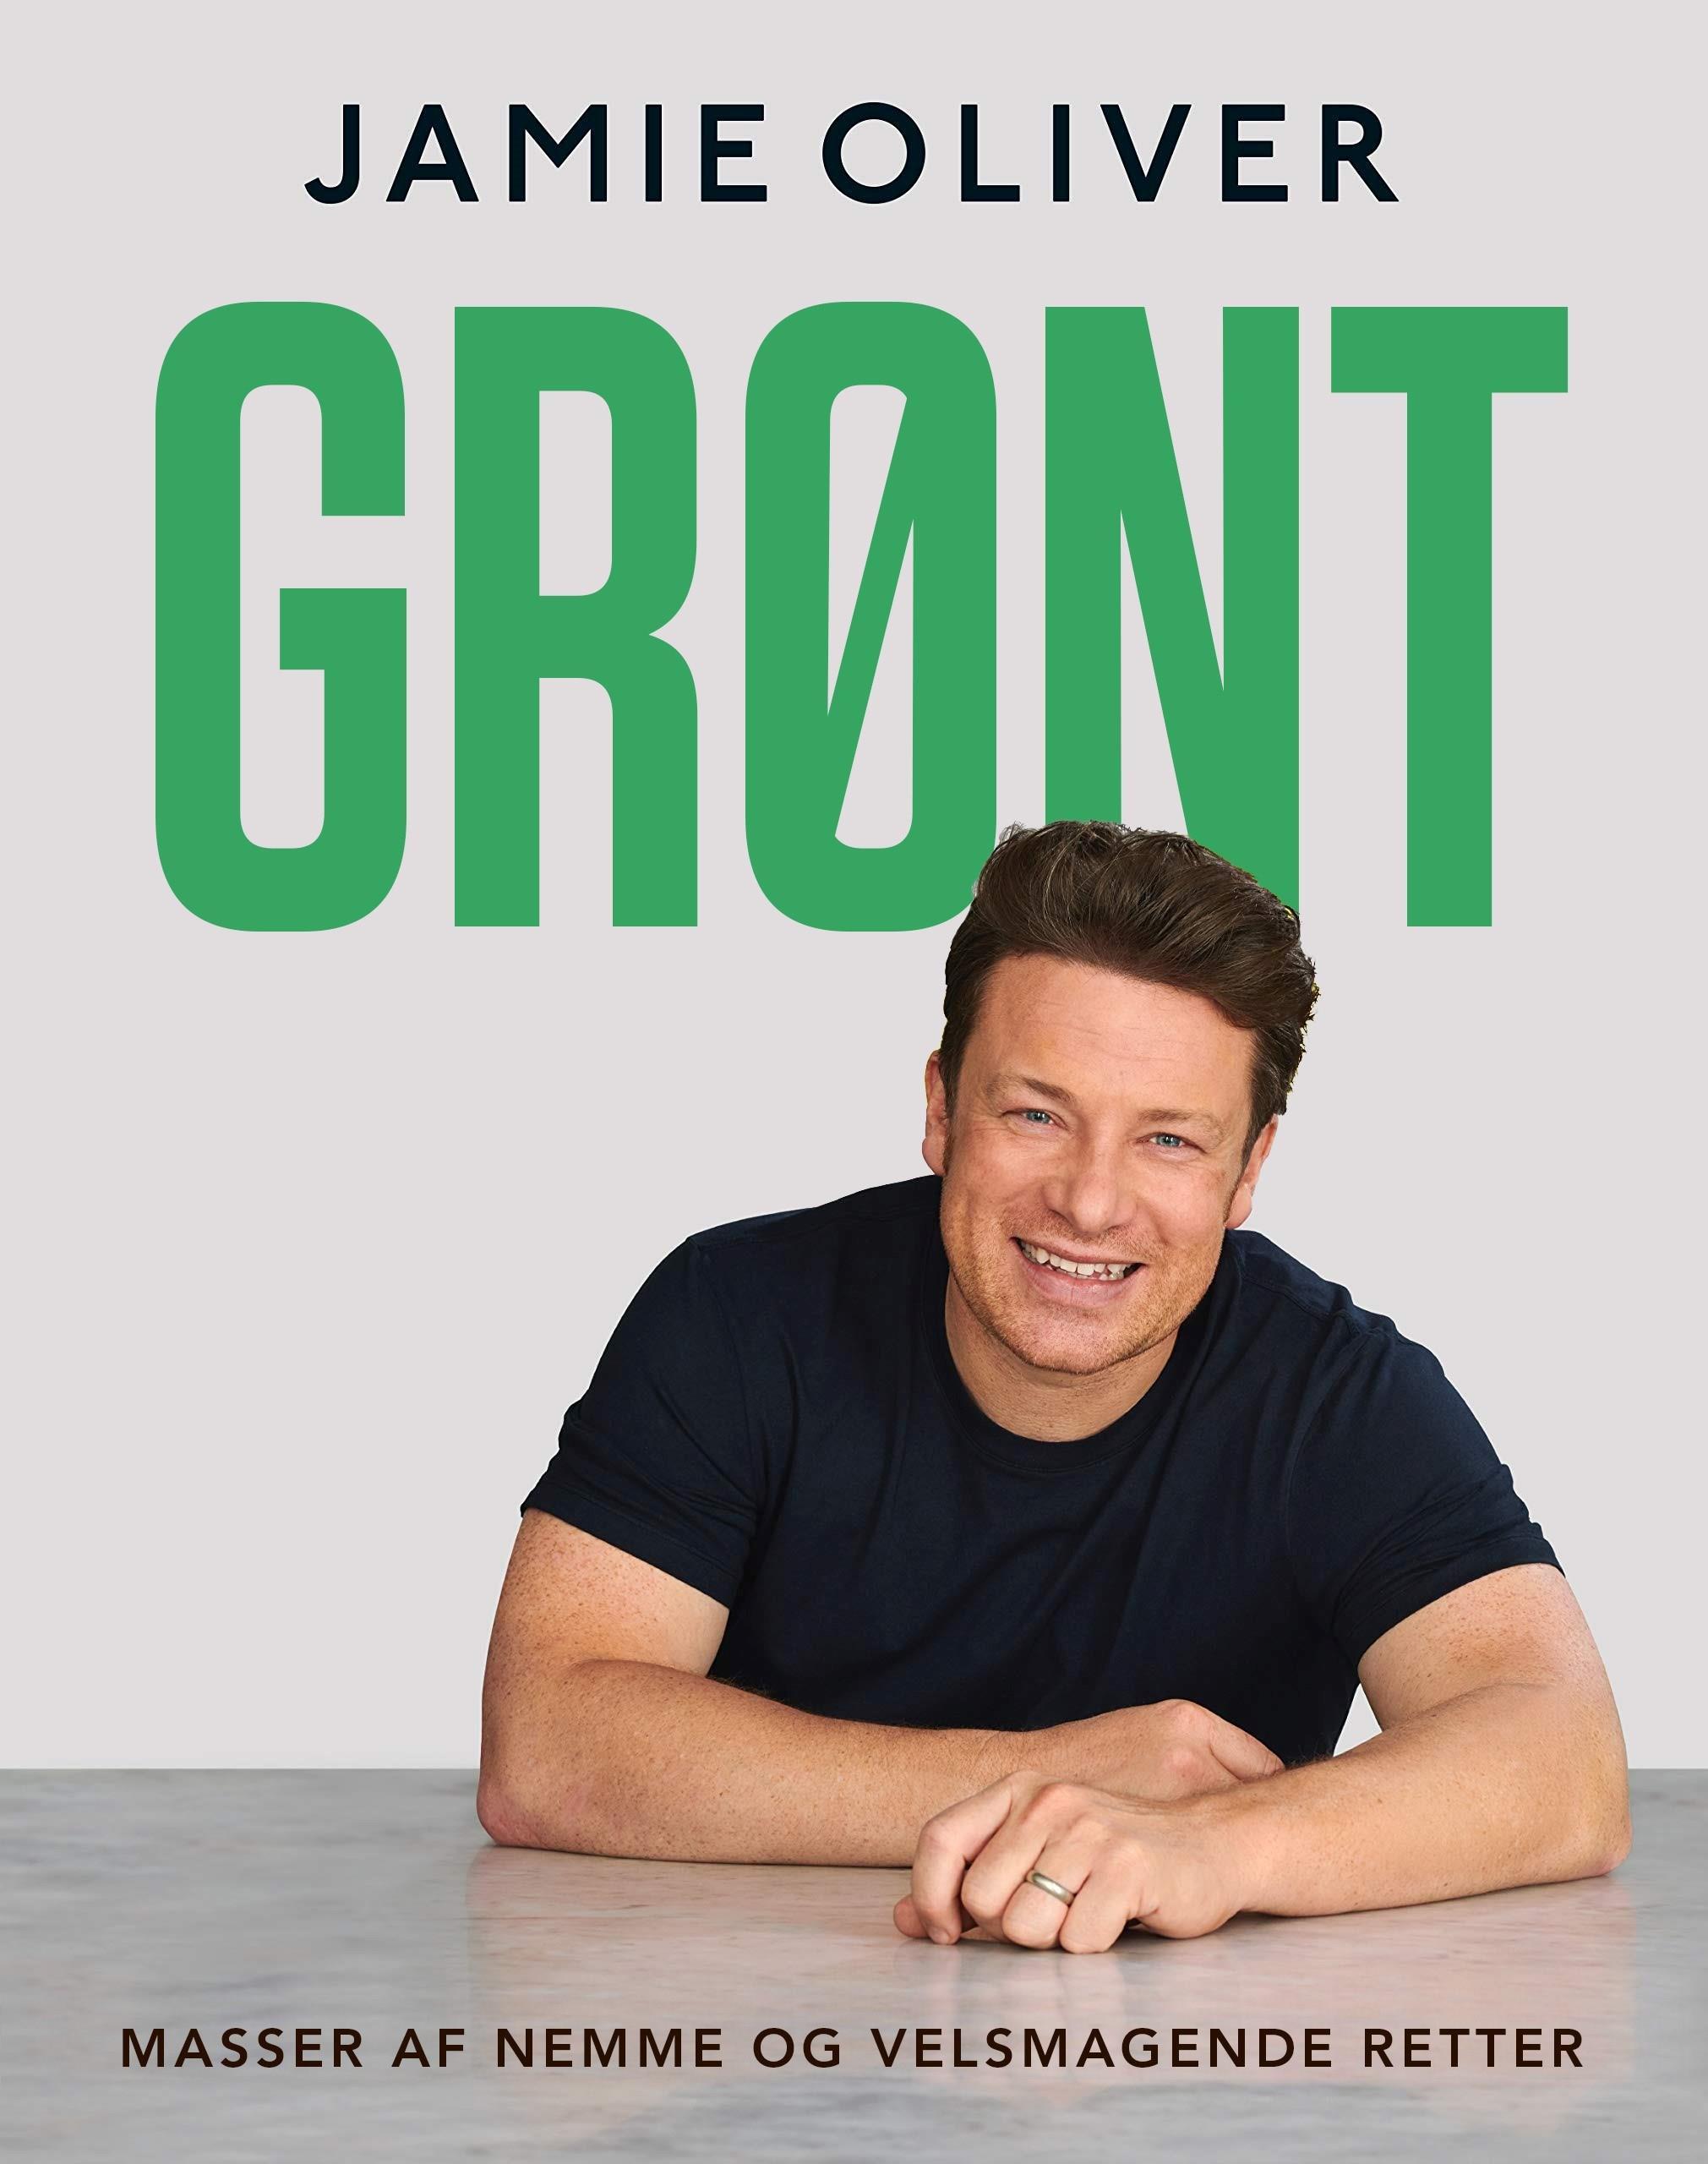 Grønt - Jamie Oliver - Bøger - Lindhardt og Ringhof - 9788711915554 - 15/11-2019